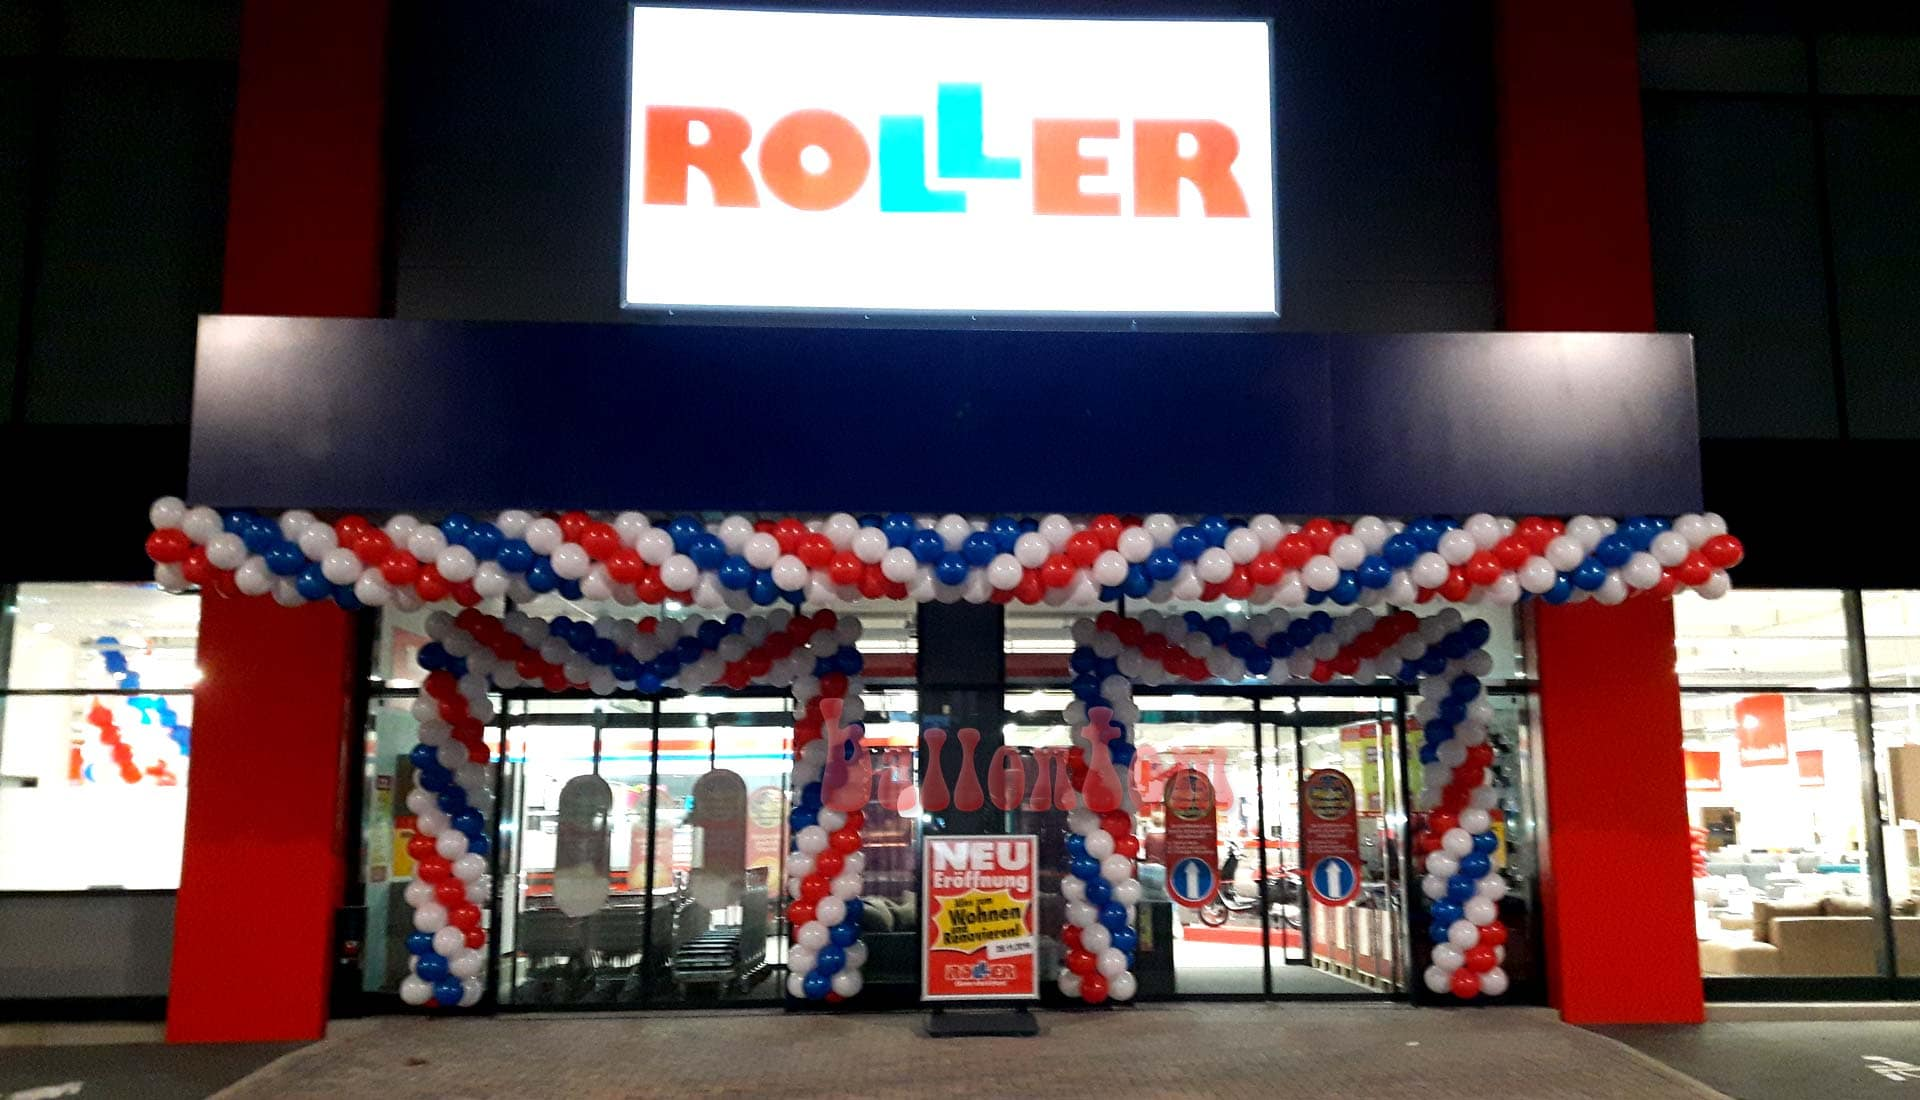 Ballontore für Roller Möbel in Crailsheim